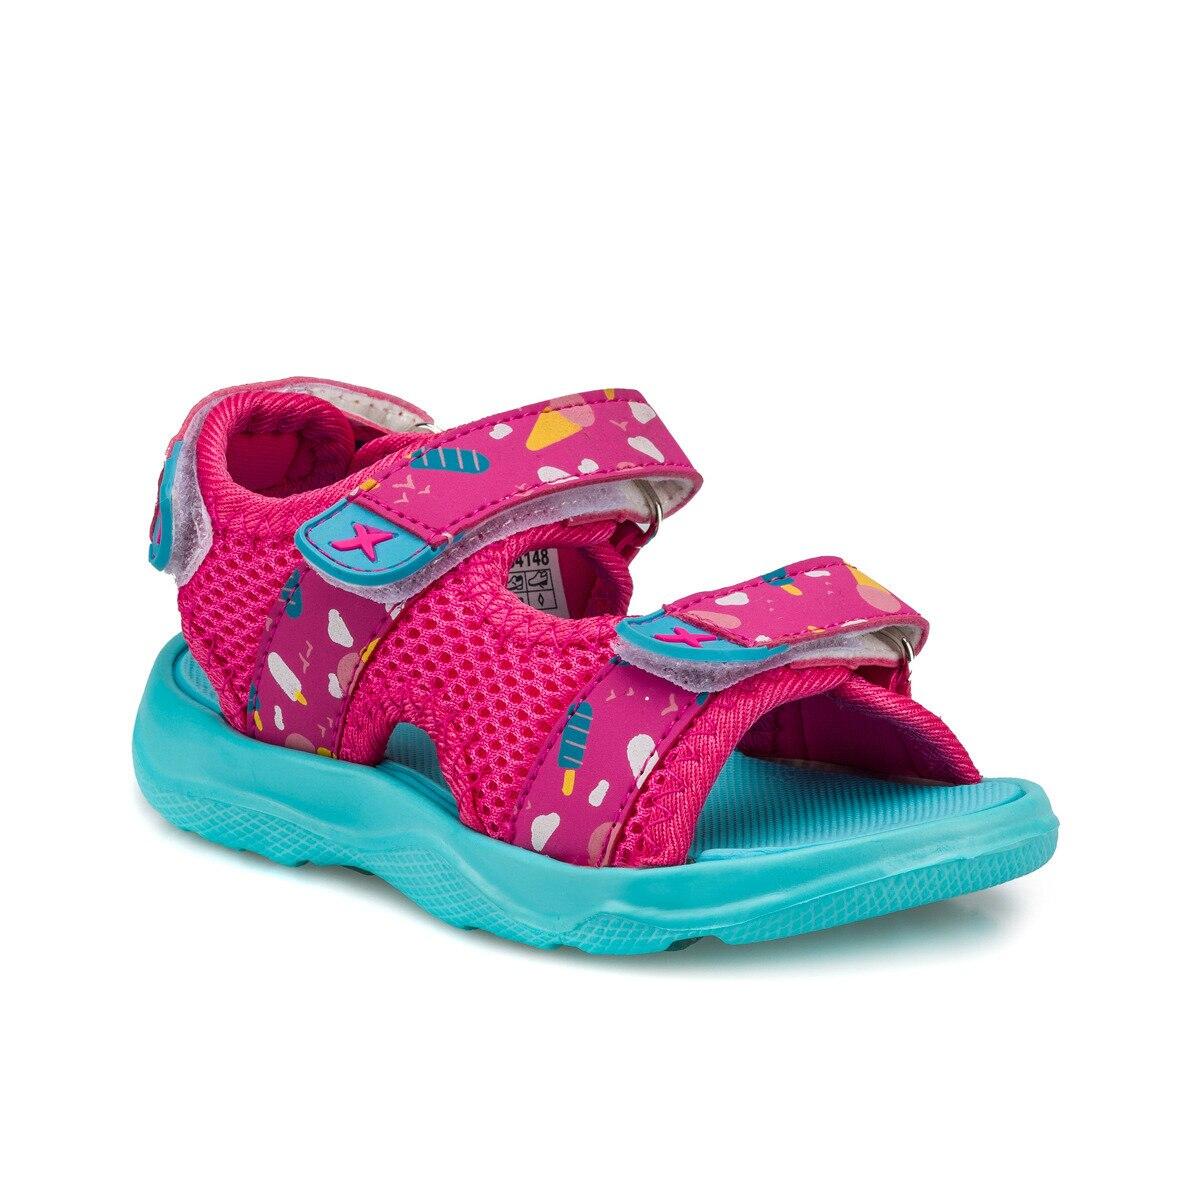 FLO VIOLI Fuchsia Girls Child Sandals KINETIX